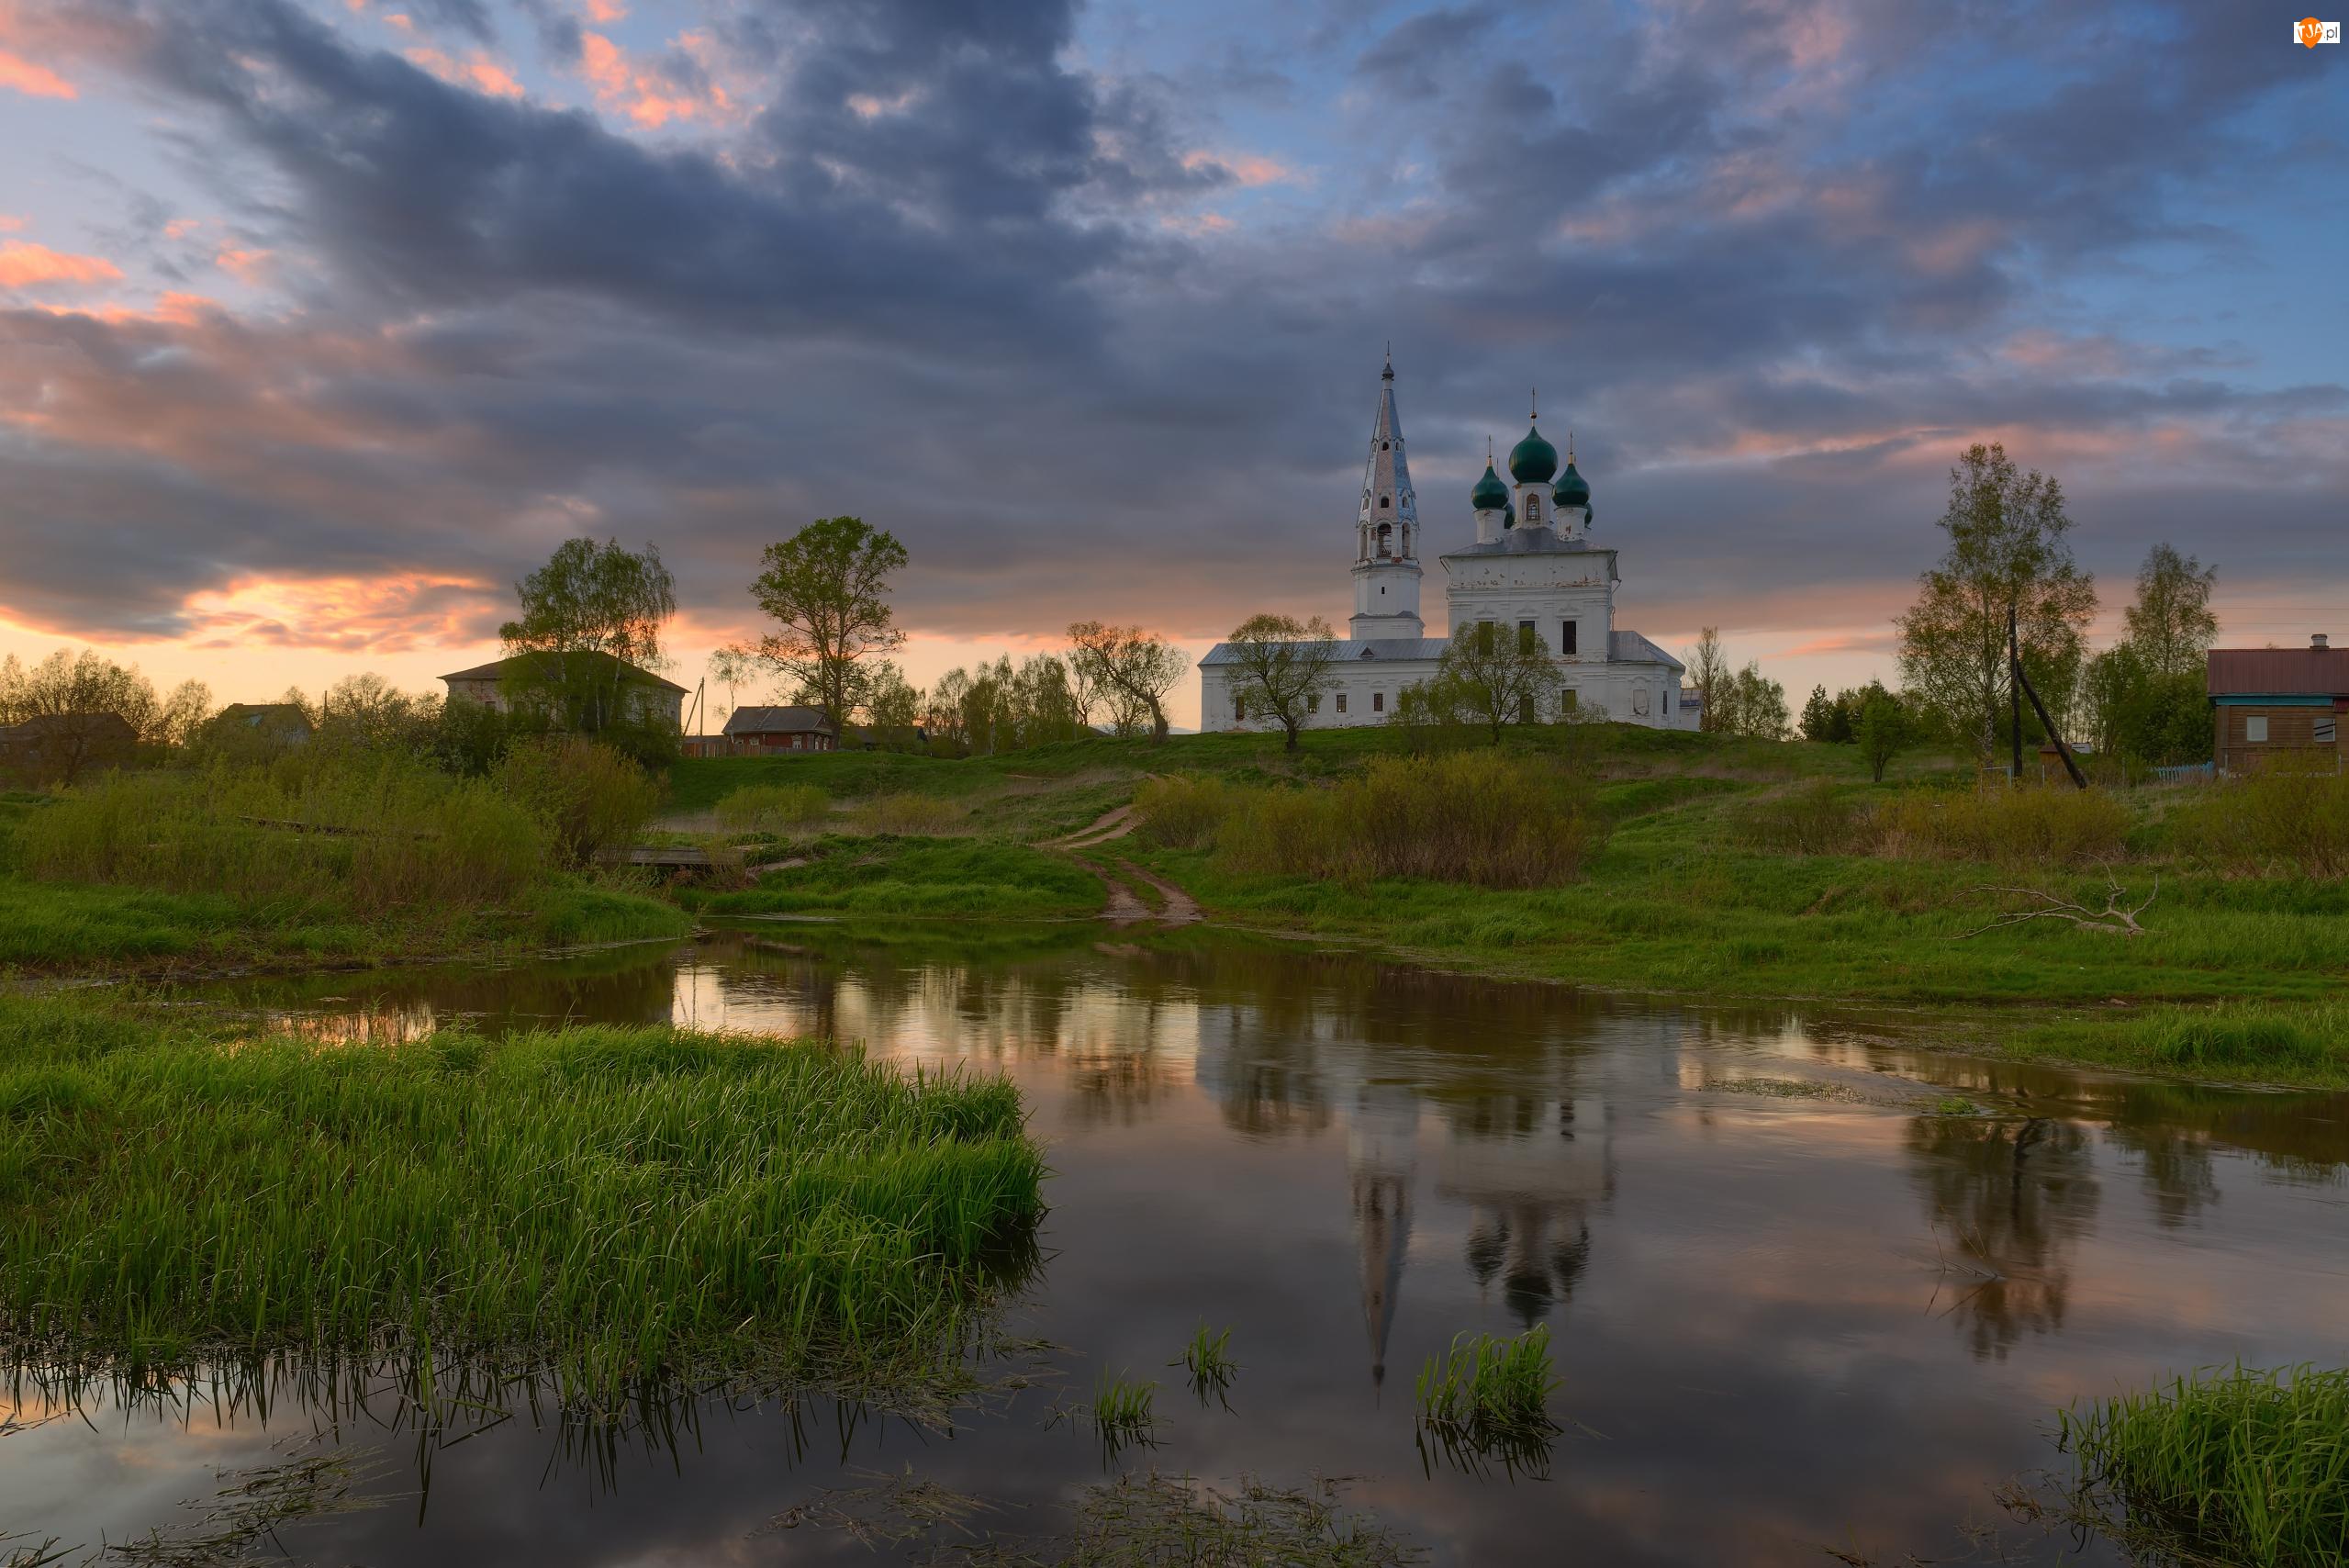 Cerkiew, Drzewa, Wschód słońca, Rzeka, Domy